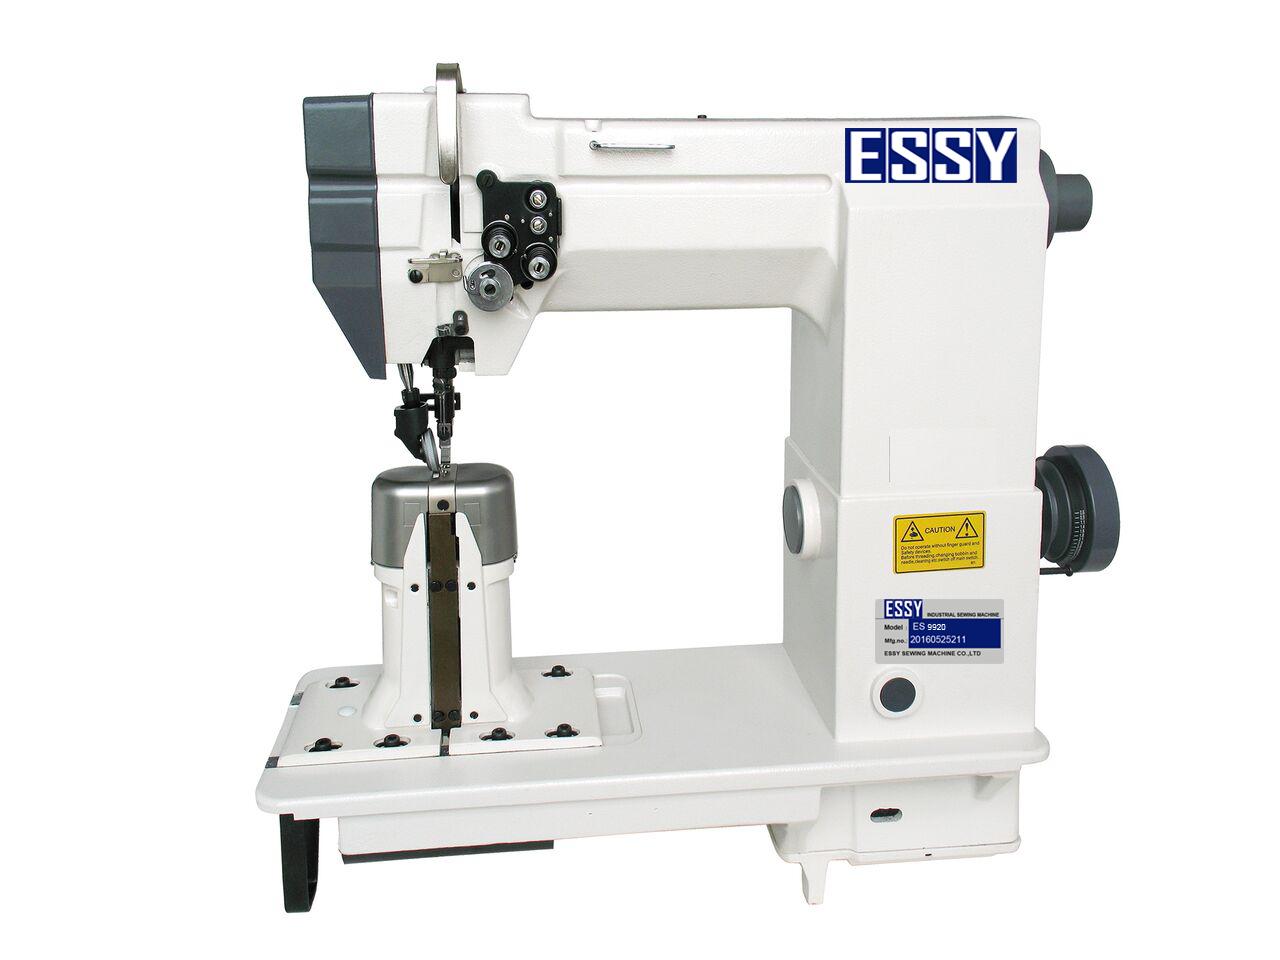 Máy 2 kim trụ ESSY chân bàn đồng bộ ES9920